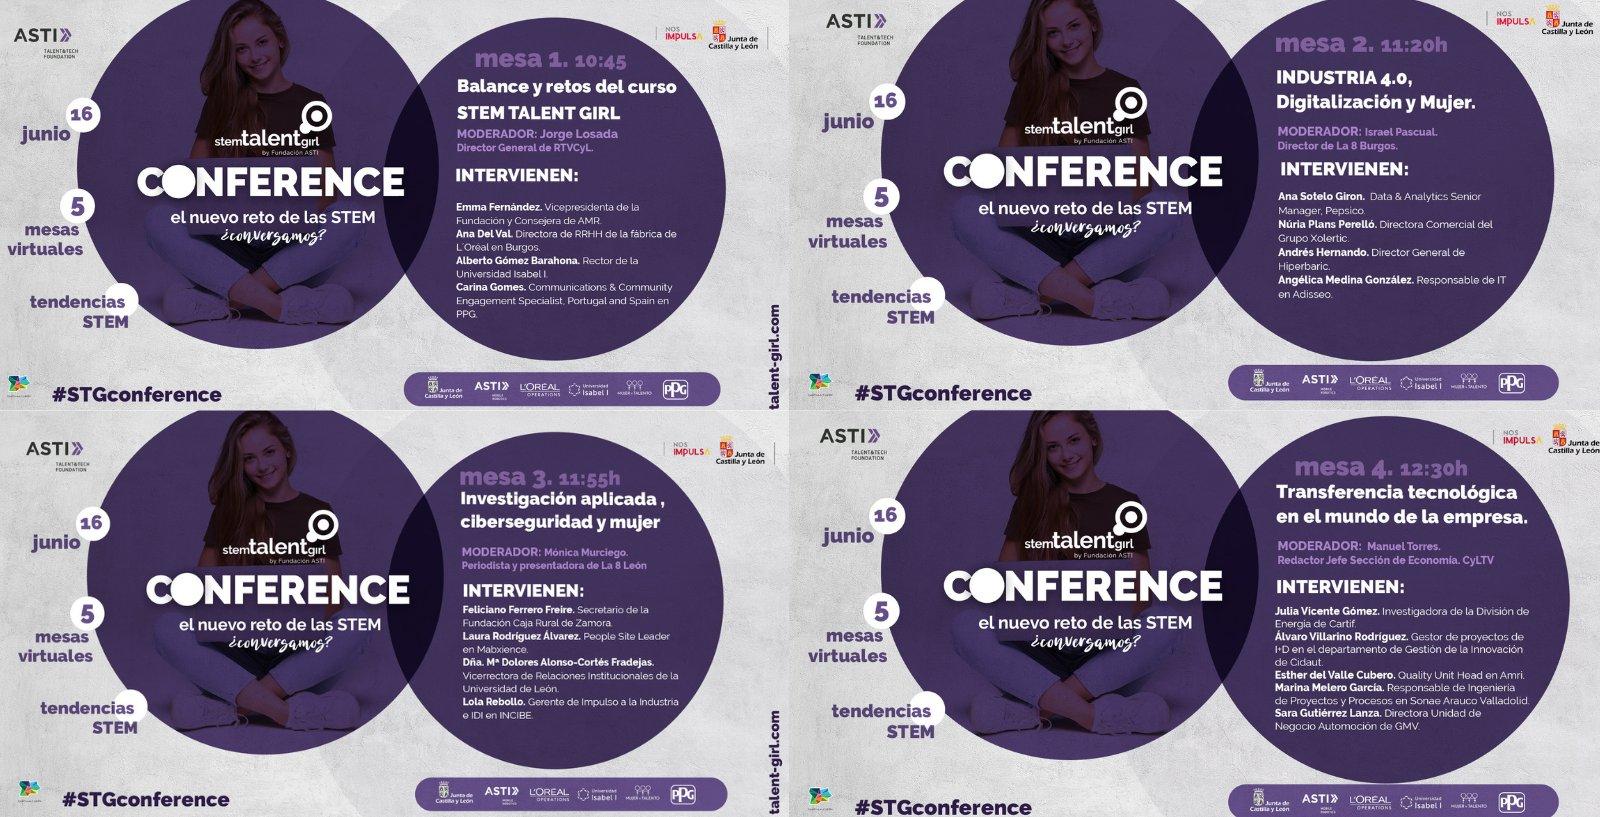 Mañana, no te pierdas la @StemTalentGirl Conference organizada por @AstiFoundation y @familiajcyl para seguir fomentando las vocaciones #STEM y en la que participará nuestra compañera Yolanda Vilches, Gerente de Calidad Operacional de GSK Aranda. #ConCienciaFemeninaGSK https://t.co/KAr7eA7DHC